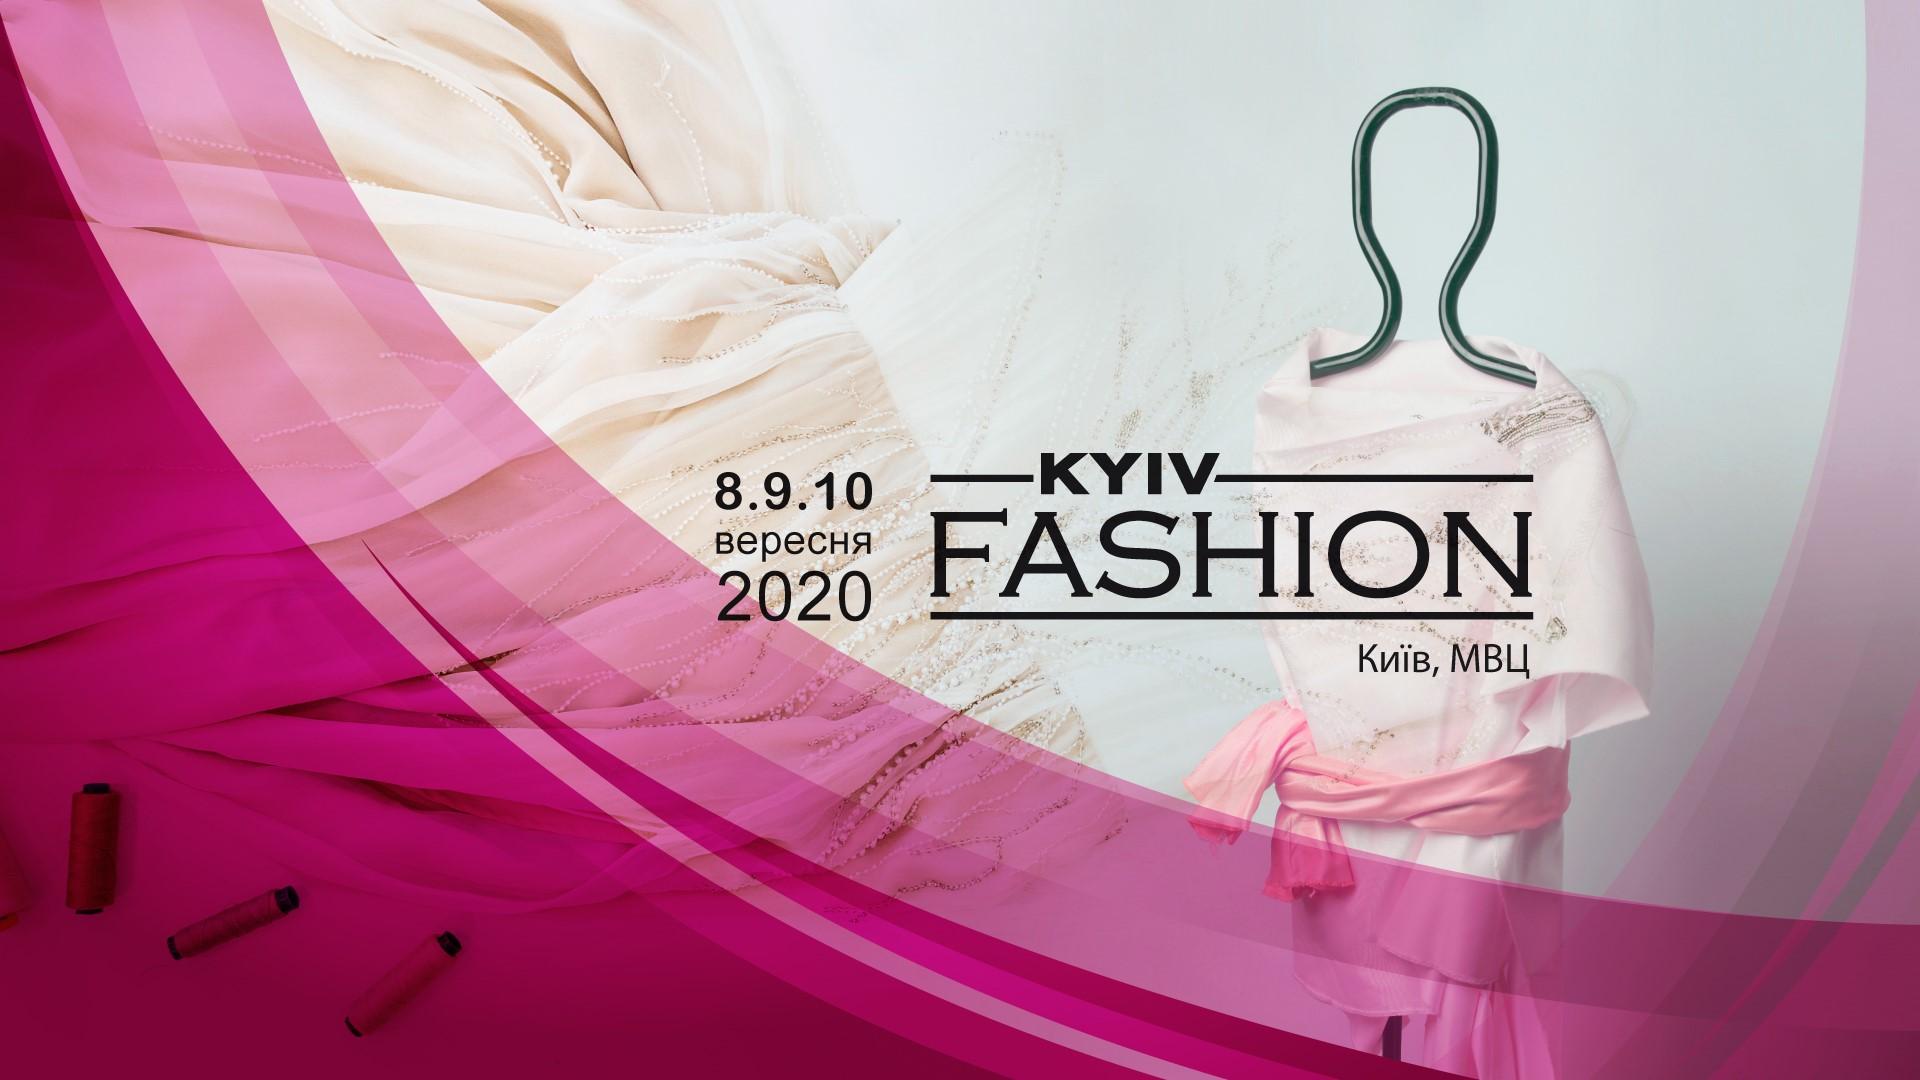 Краще один раз побачити! Відео з фестиваля моди KyivFashion 2020